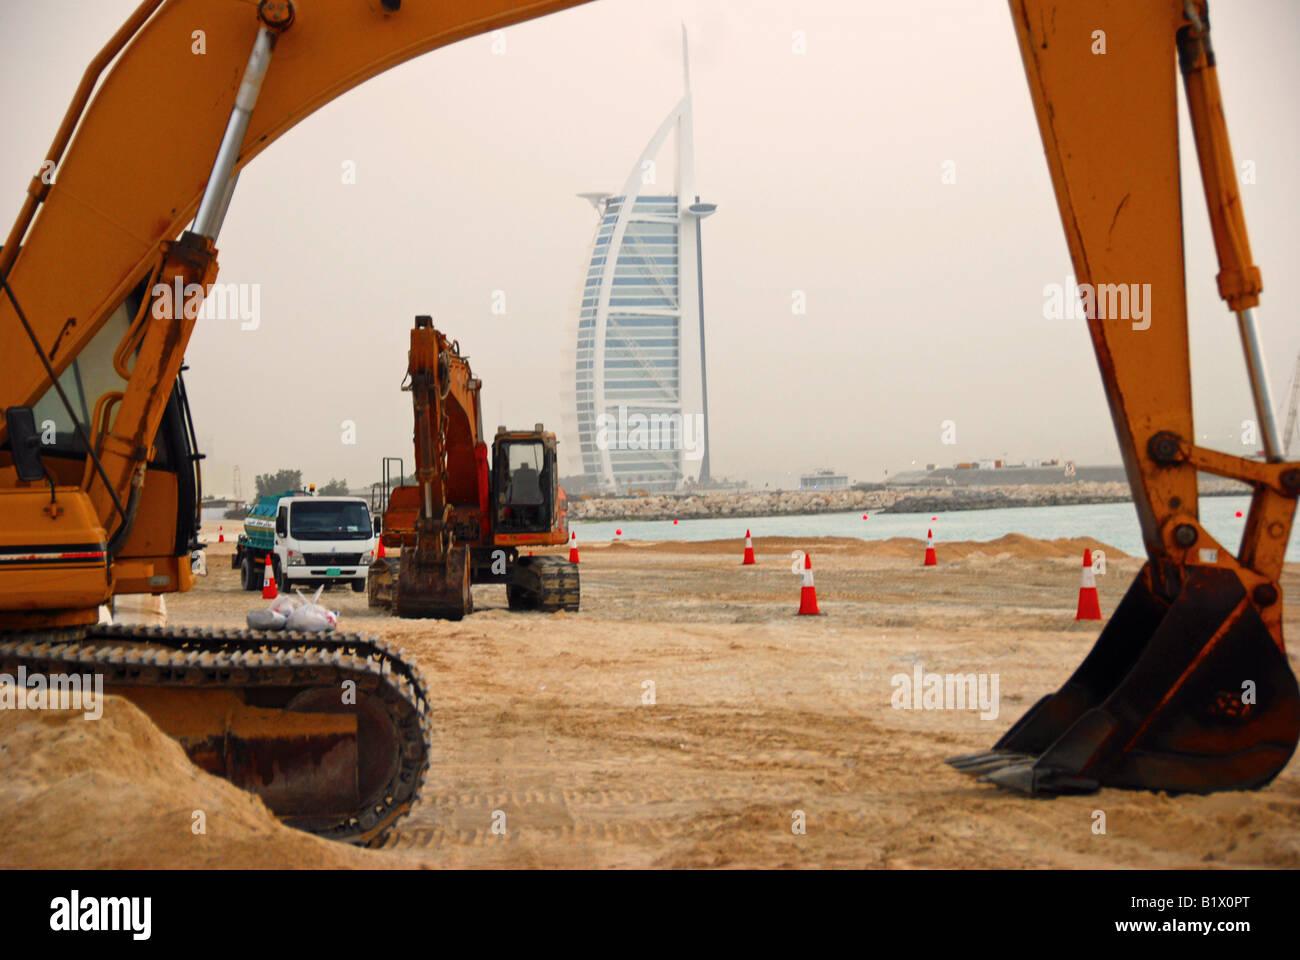 Bulldozer Dubai Imágenes De Stock & Bulldozer Dubai Fotos De Stock ...